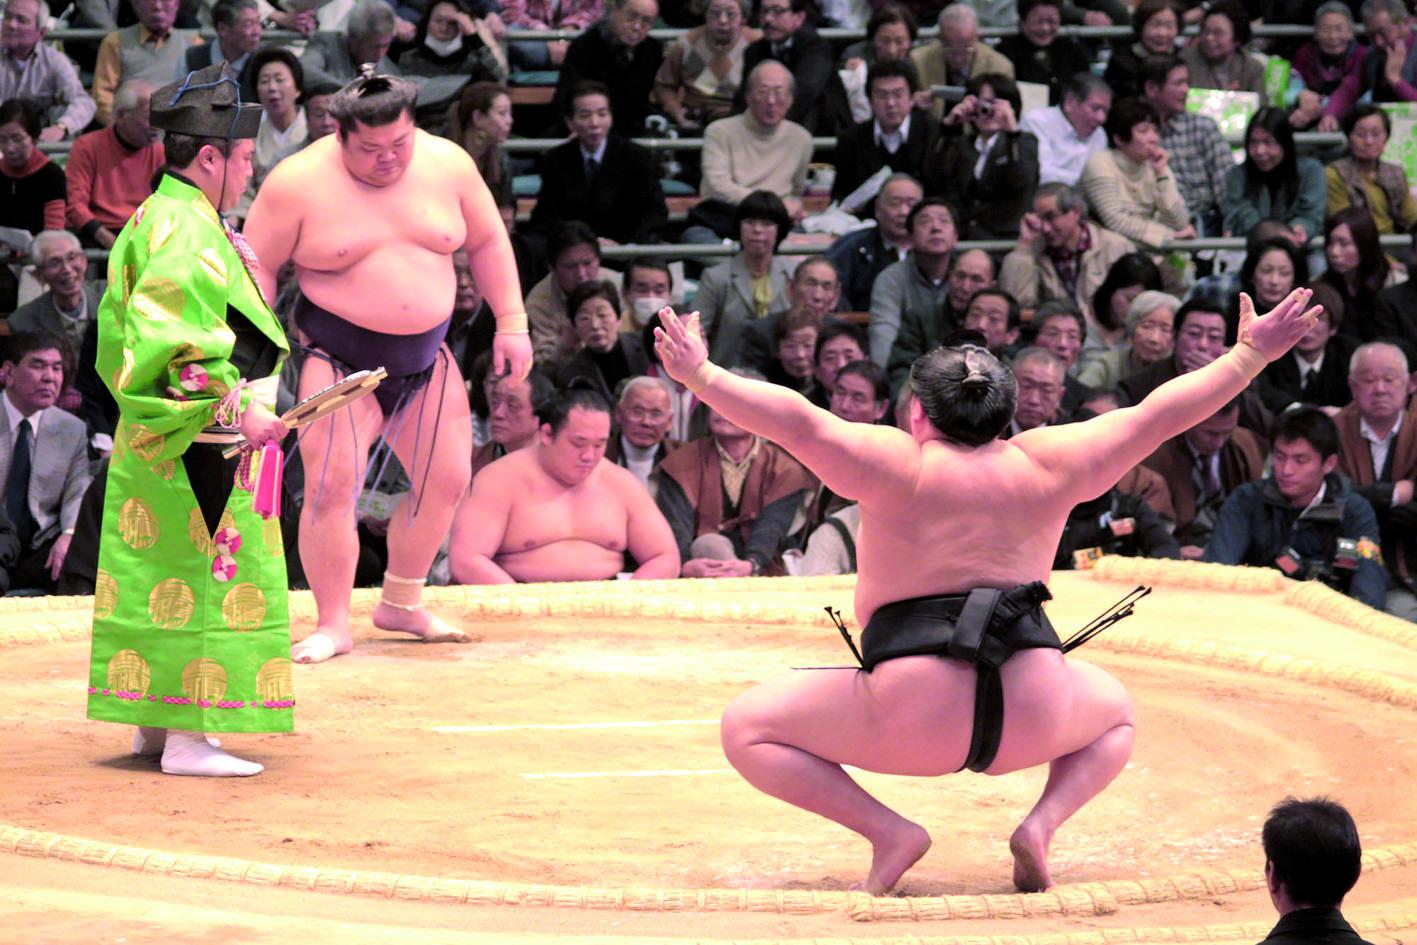 La Mongolie, l'autre poids-lourd du sumo qui bouscule le Japon